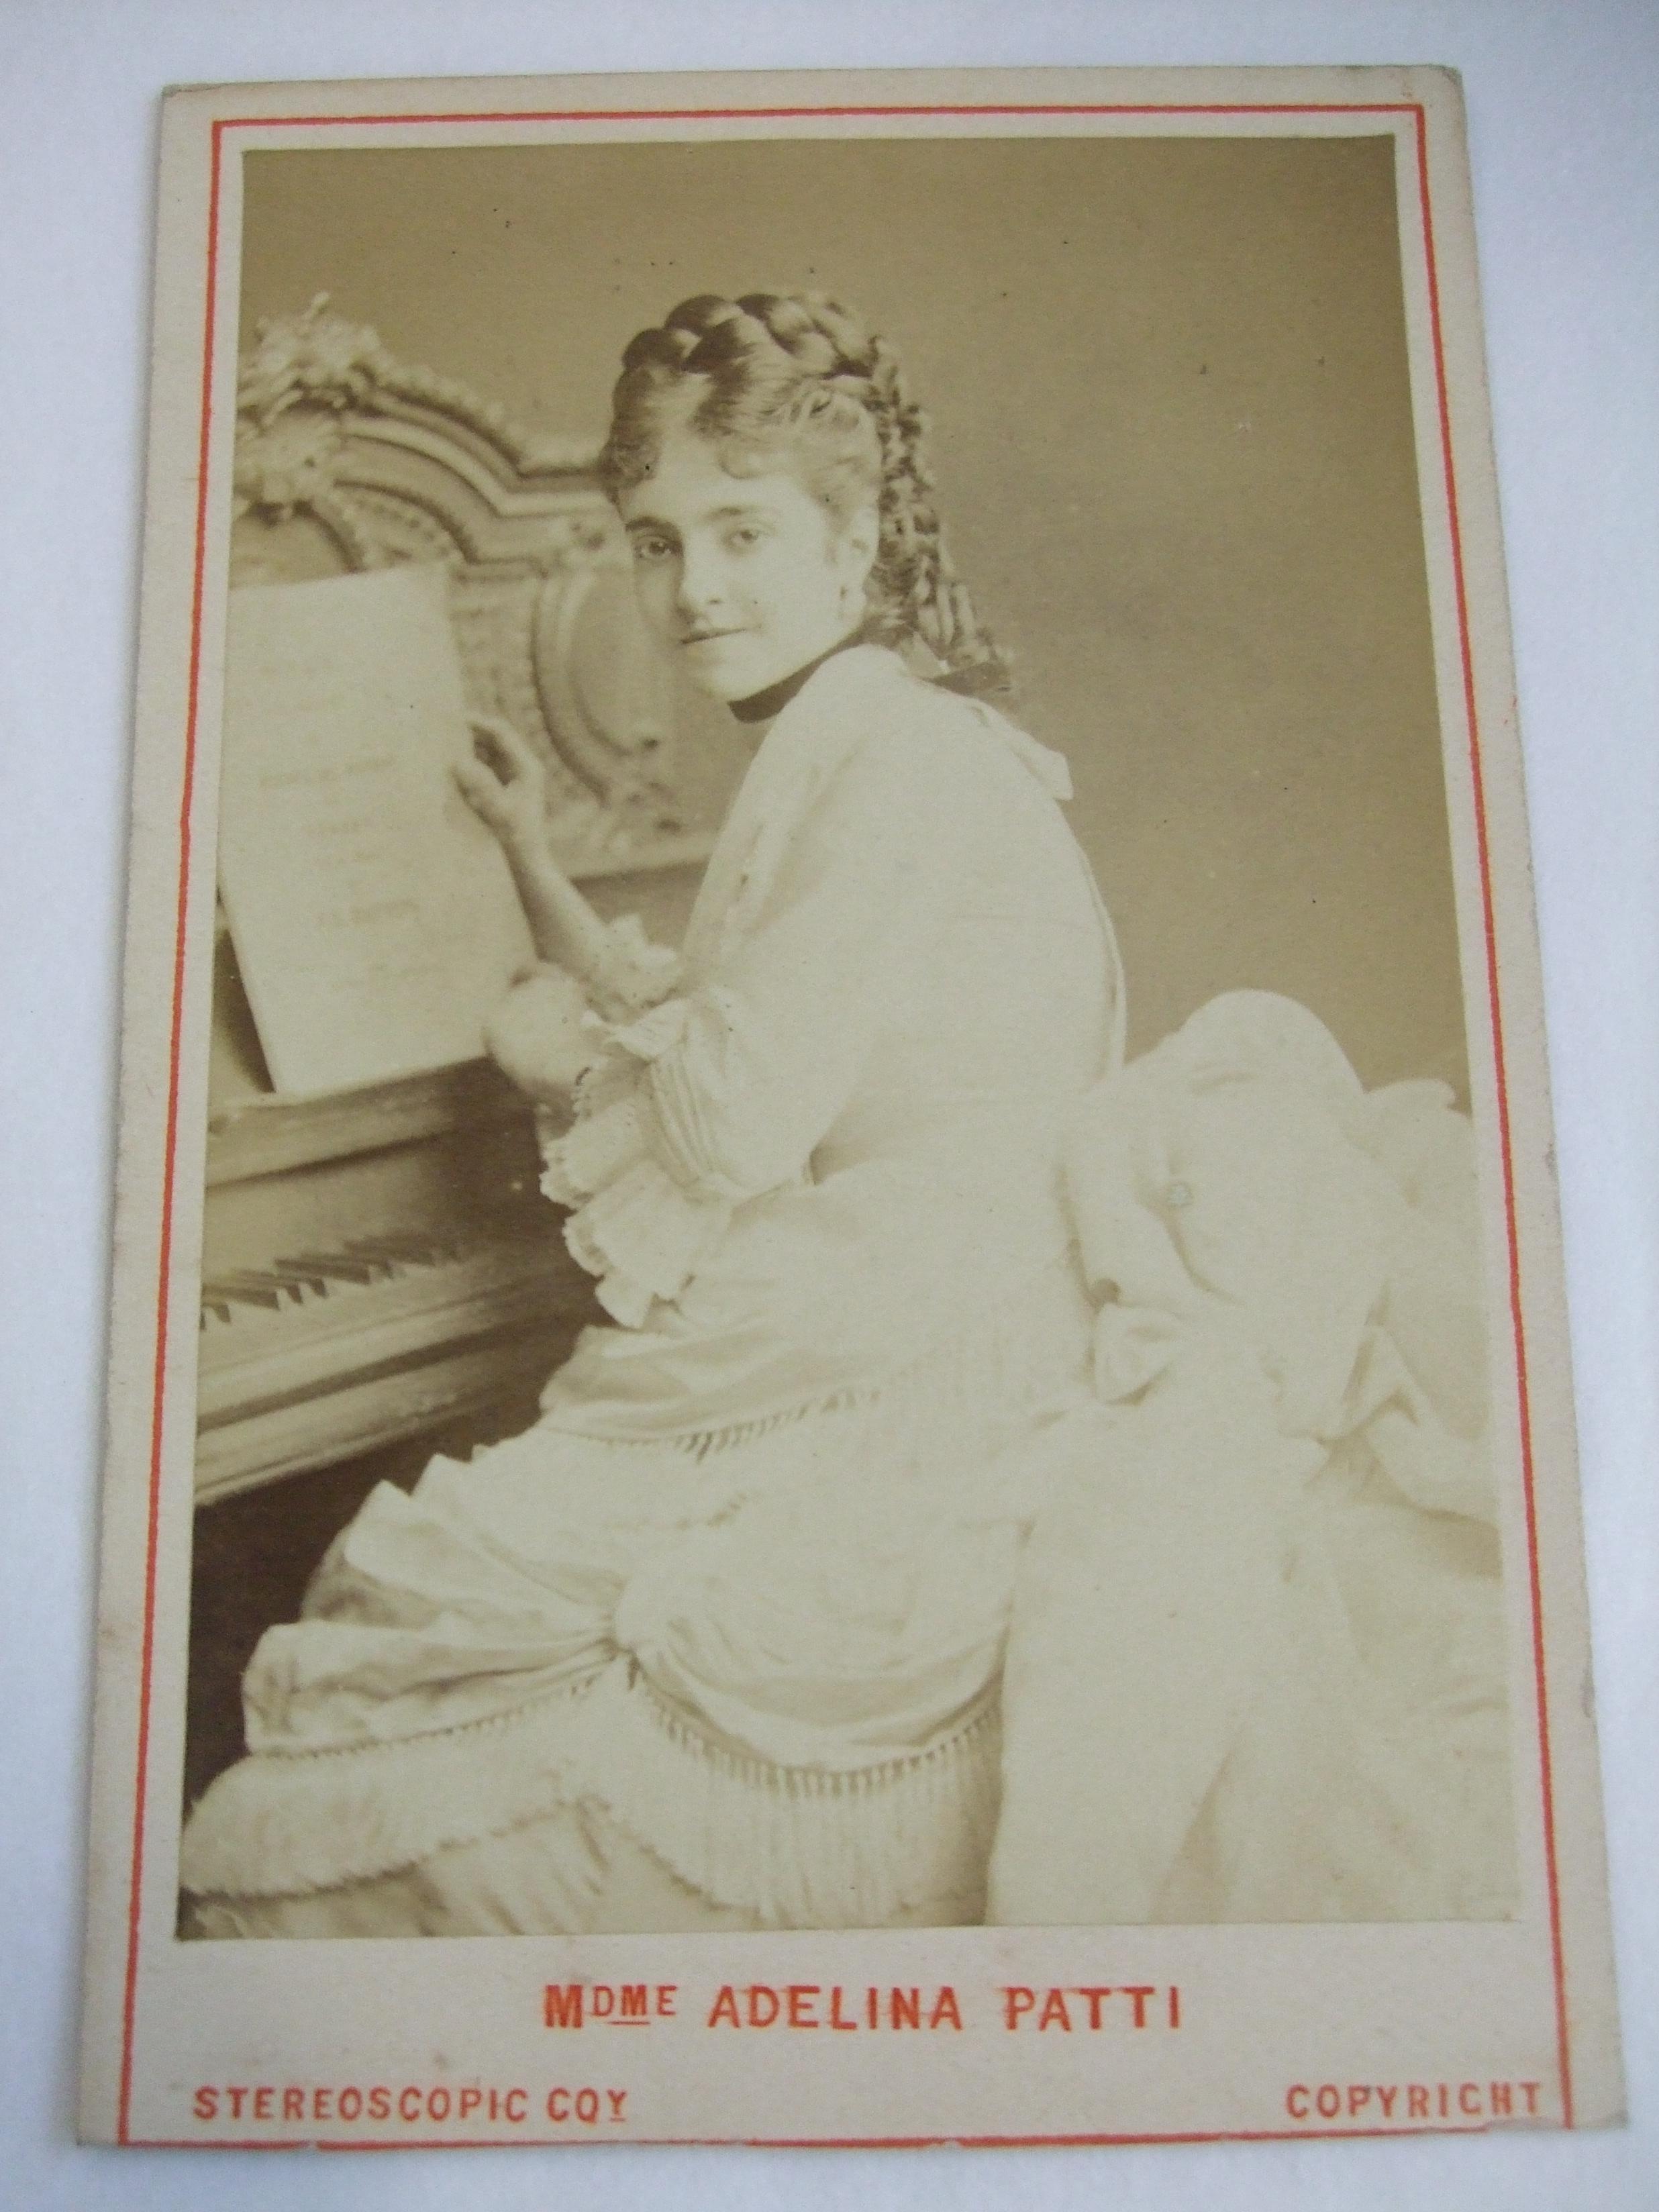 A carte-de-visite of Adelina Patti